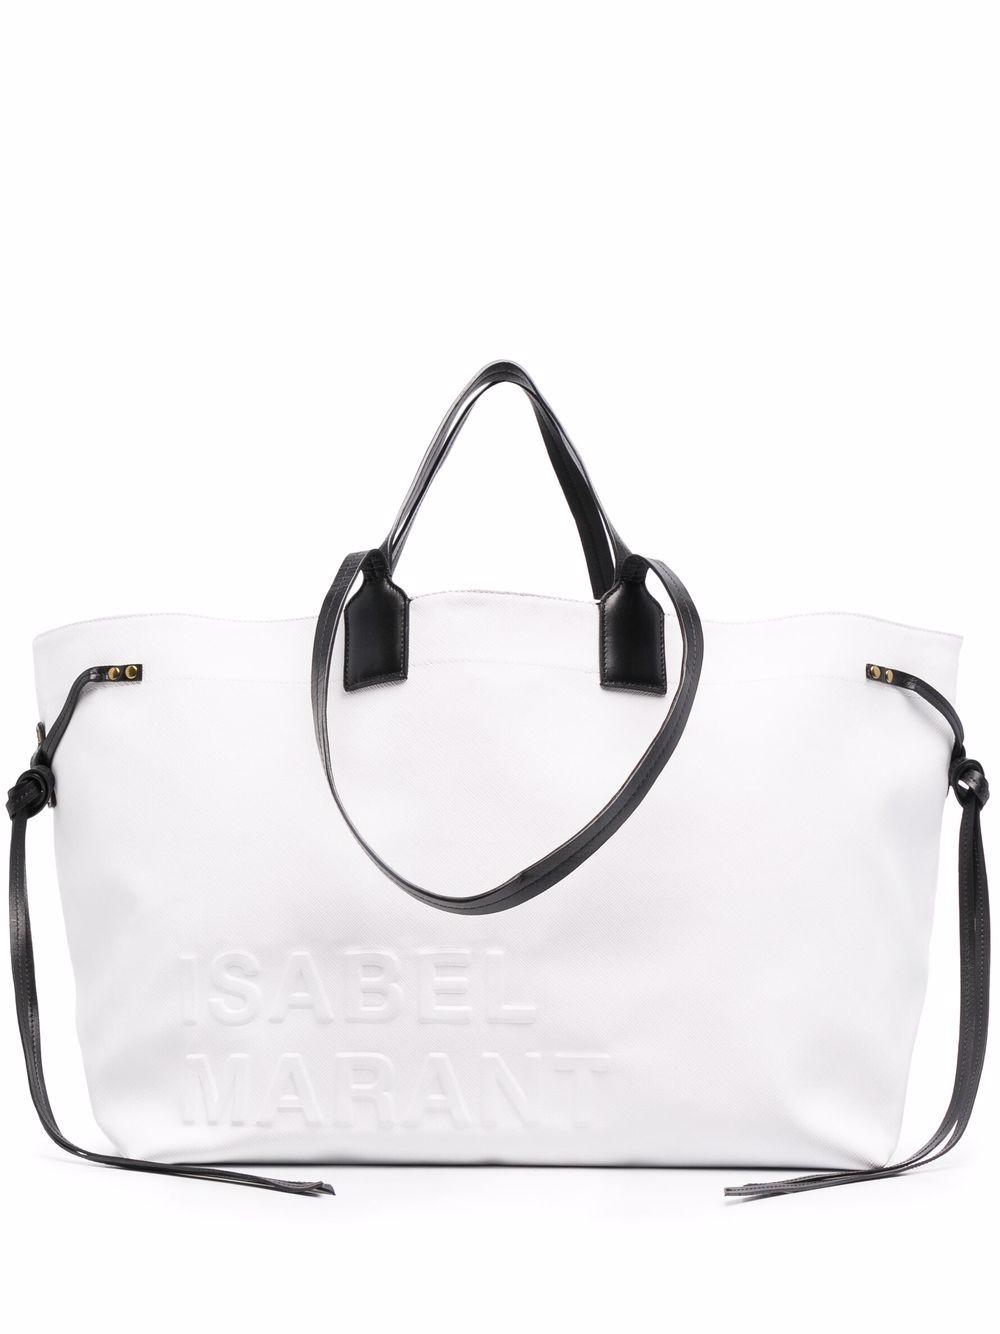 Isabel Marant Wydra Handtasche - Weiß